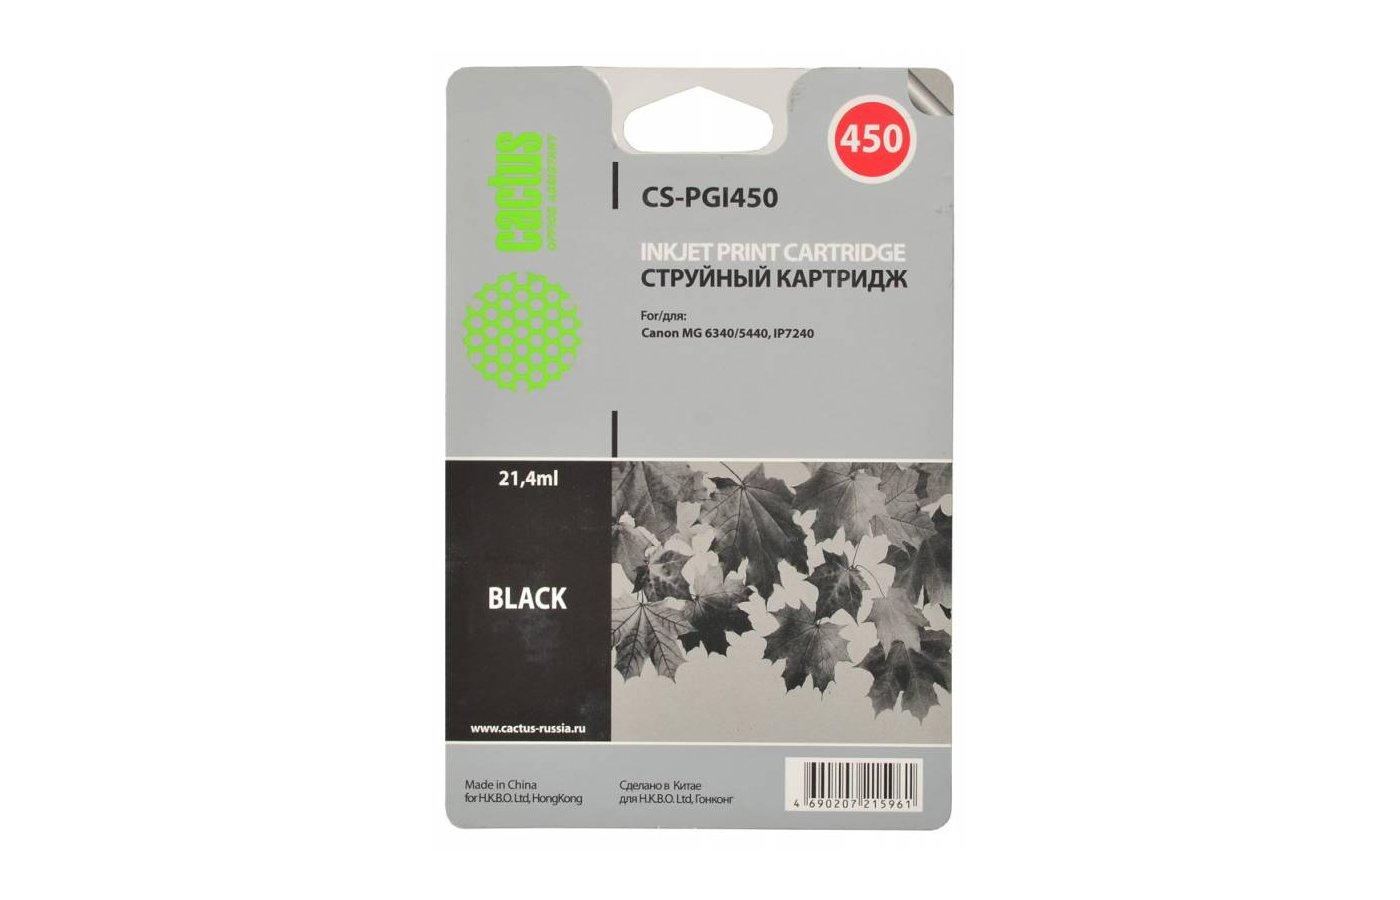 Картридж струйный Cactus CS-PGI450 совместимый черный для Canon MG 6340/5440/IP7240 (21,4ml)